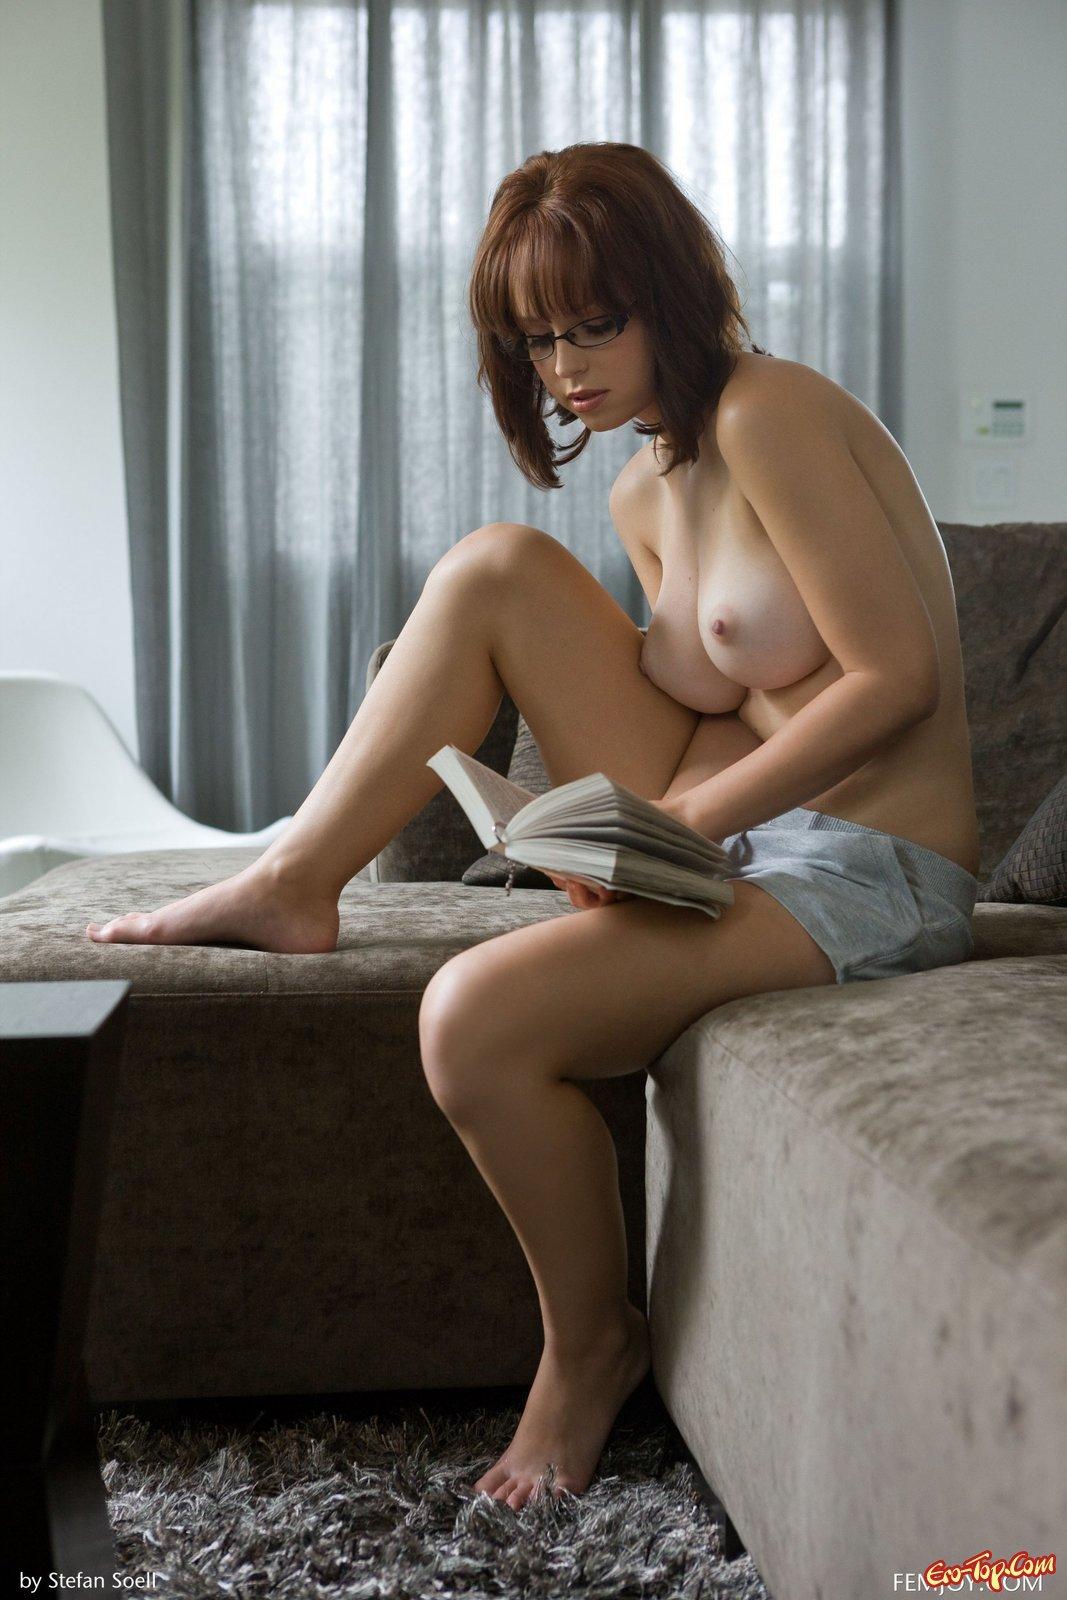 Модель в очках с огромными буферами читает книгу